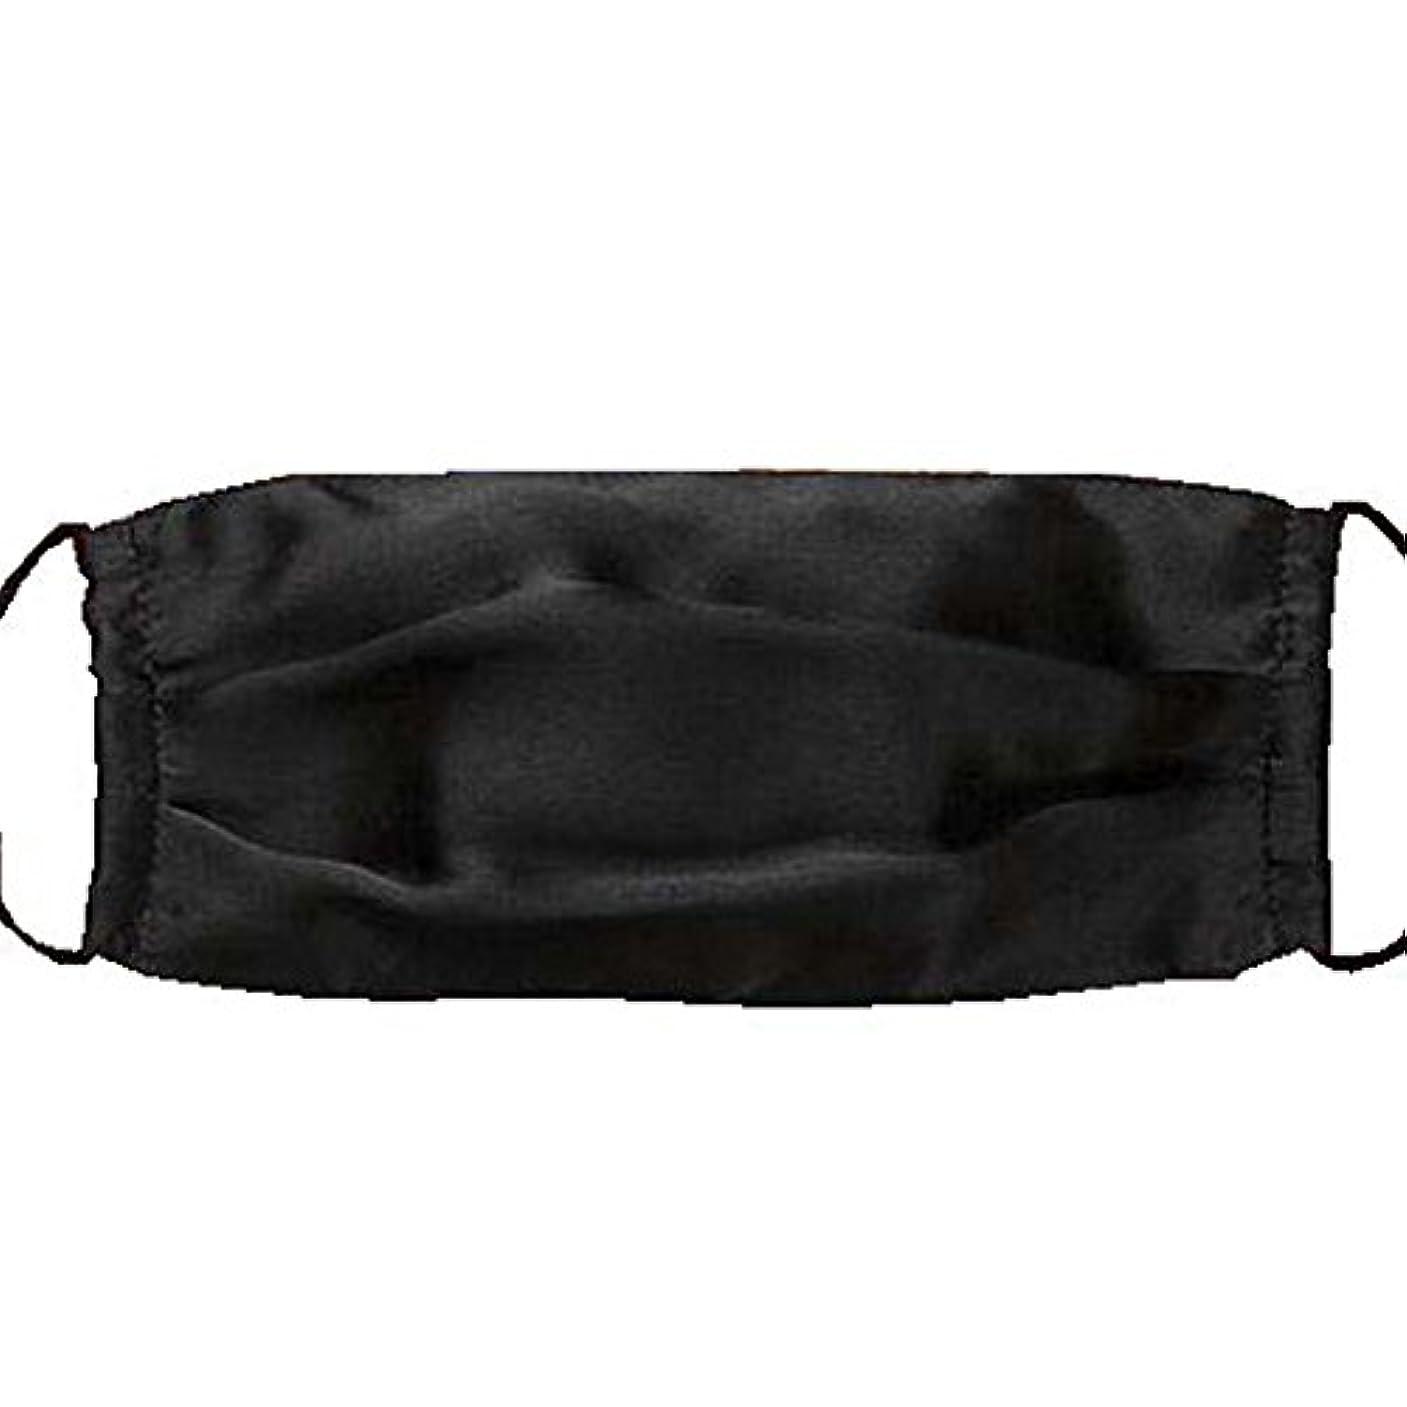 足苗損傷再使用可能な洗浄可能な活性炭シルクウォームPM 2.5ダストマスクインフルエンザマスク